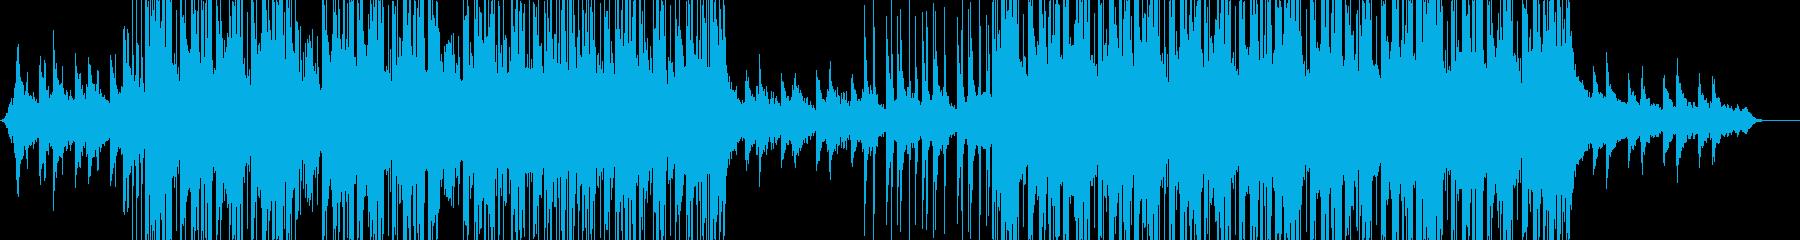 future bass、洋楽、EDMの再生済みの波形